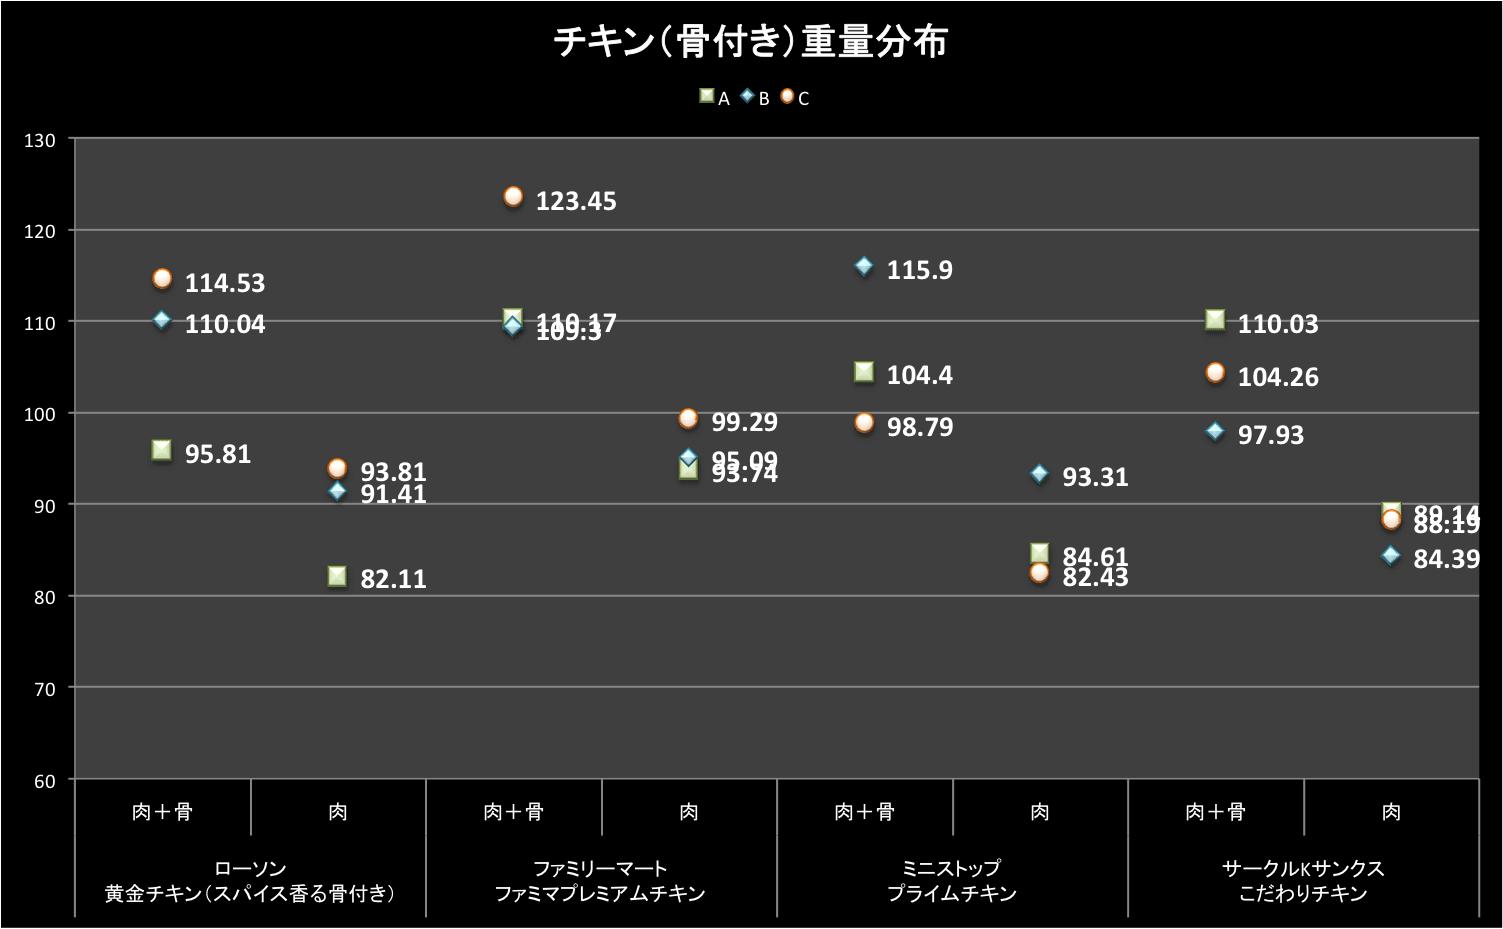 data_chicken_1_03